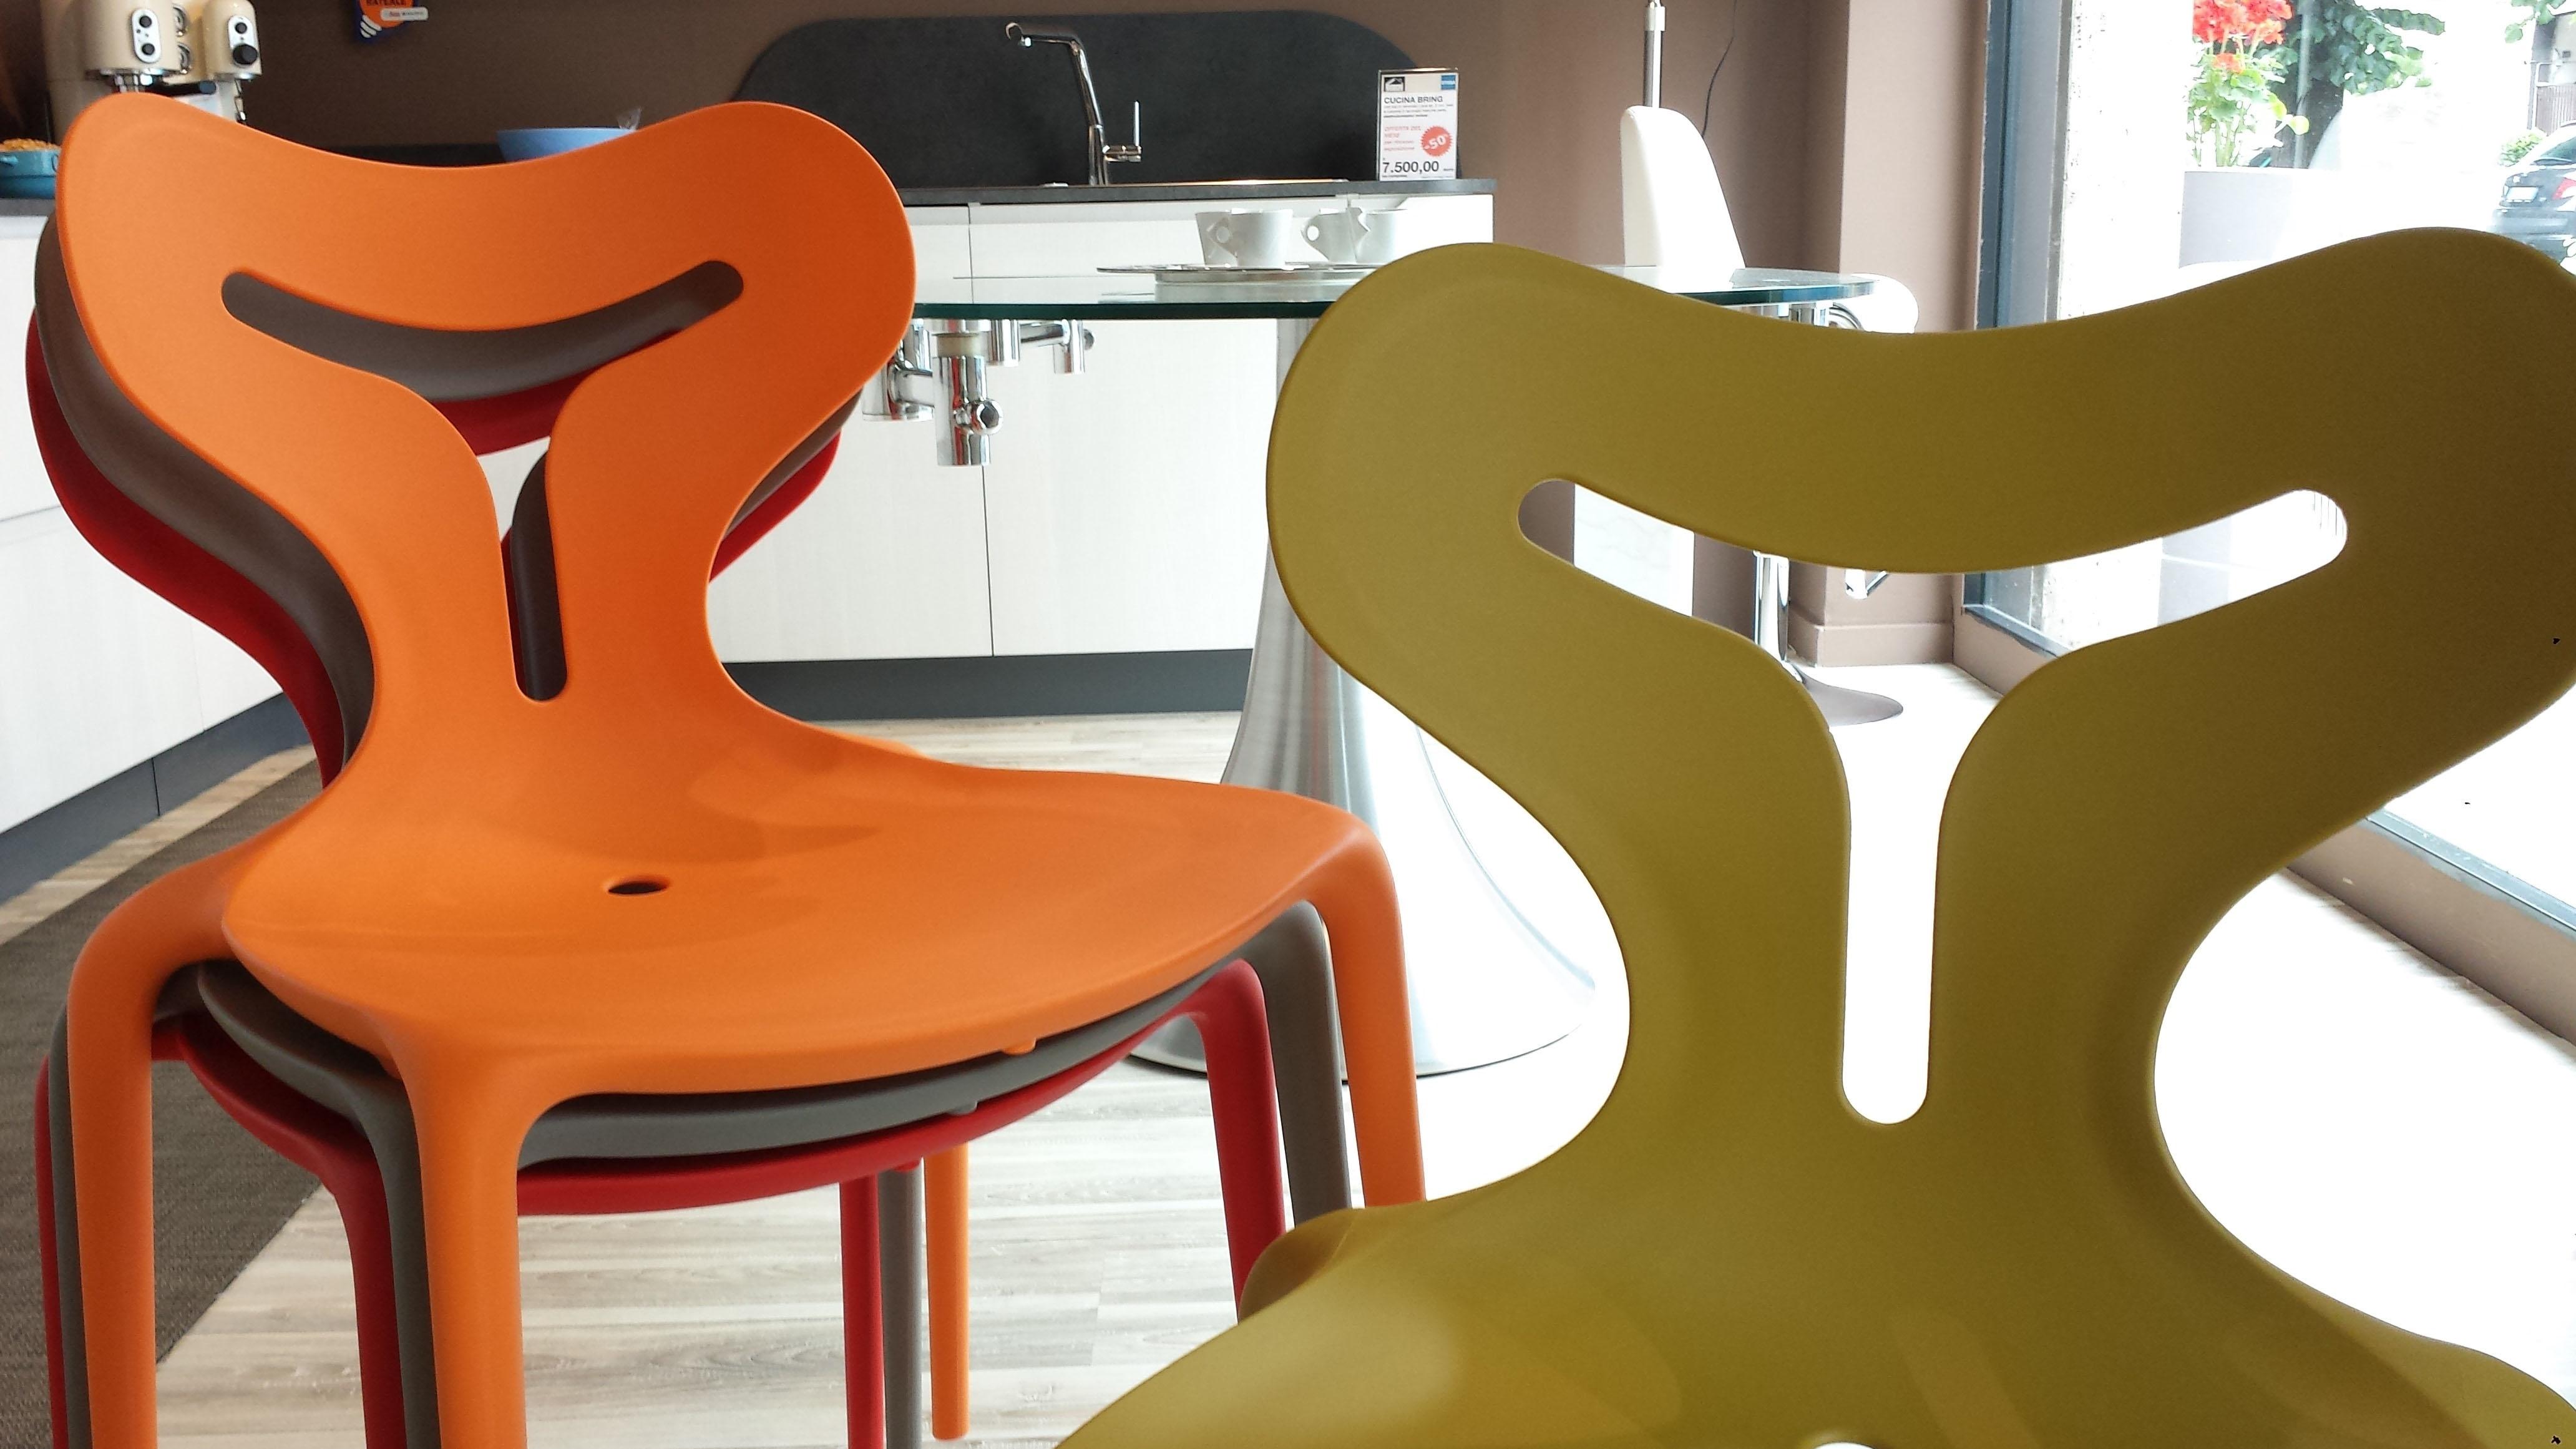 Stunning Sedie Cucina Economiche Images - Ideas & Design 2017 ...